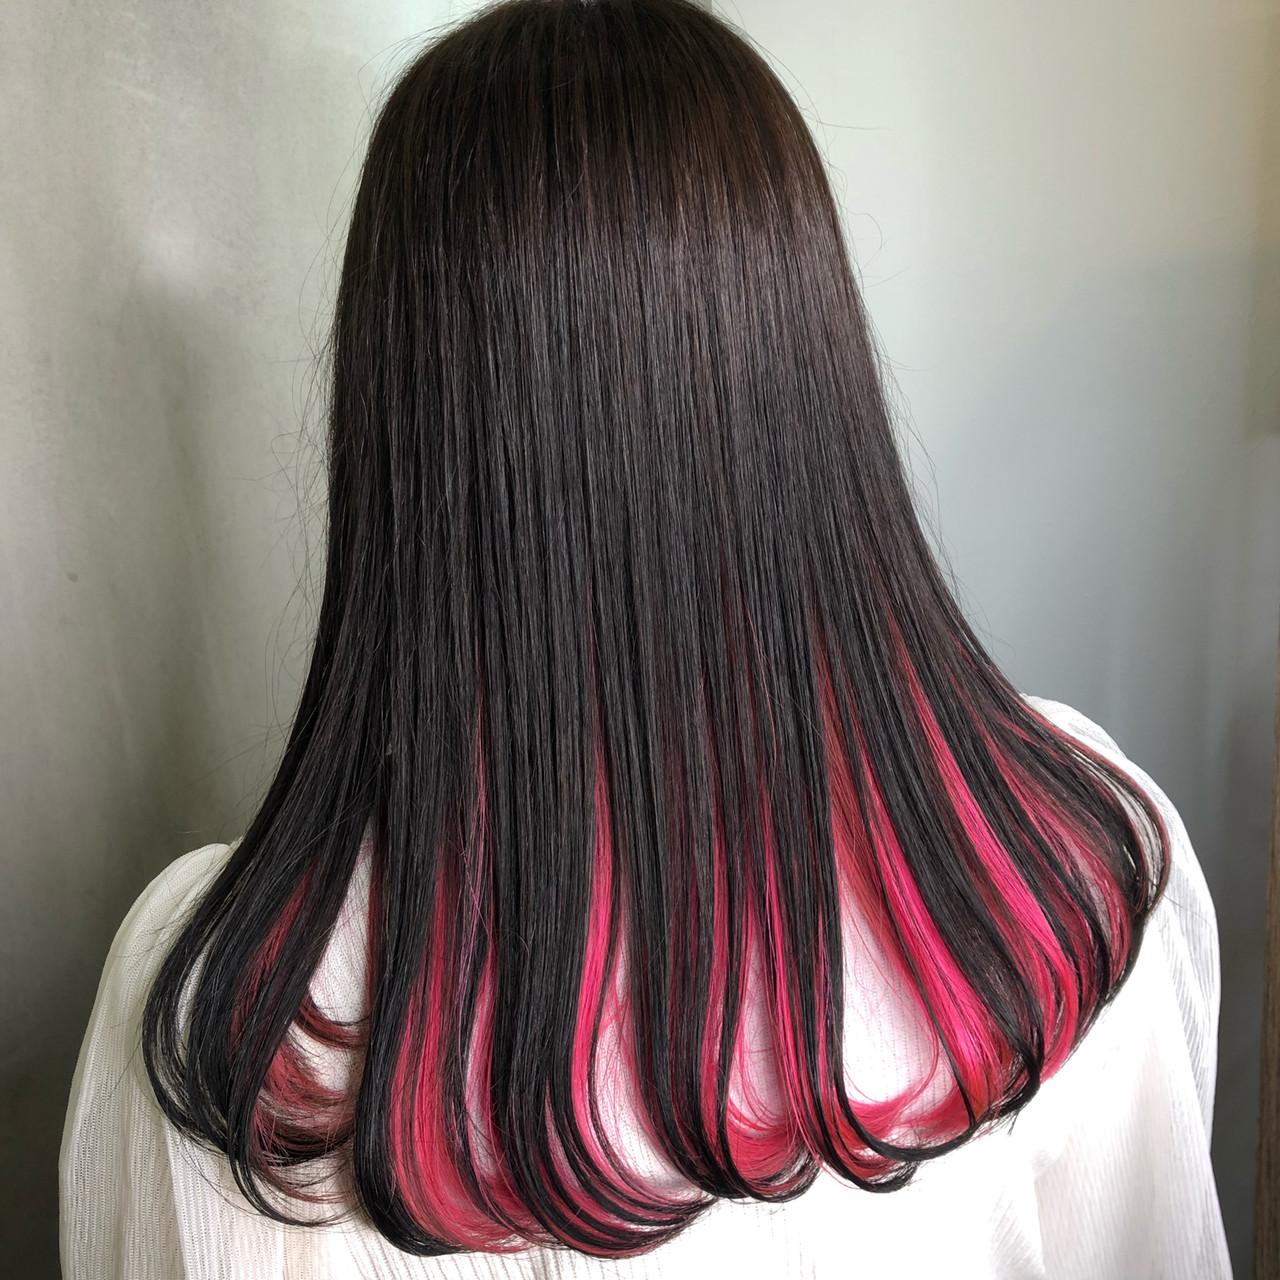 ベリーピンク 黒髪 インナーカラー ピンク ヘアスタイルや髪型の写真・画像 | 筒井 隆由 / Hair salon mode